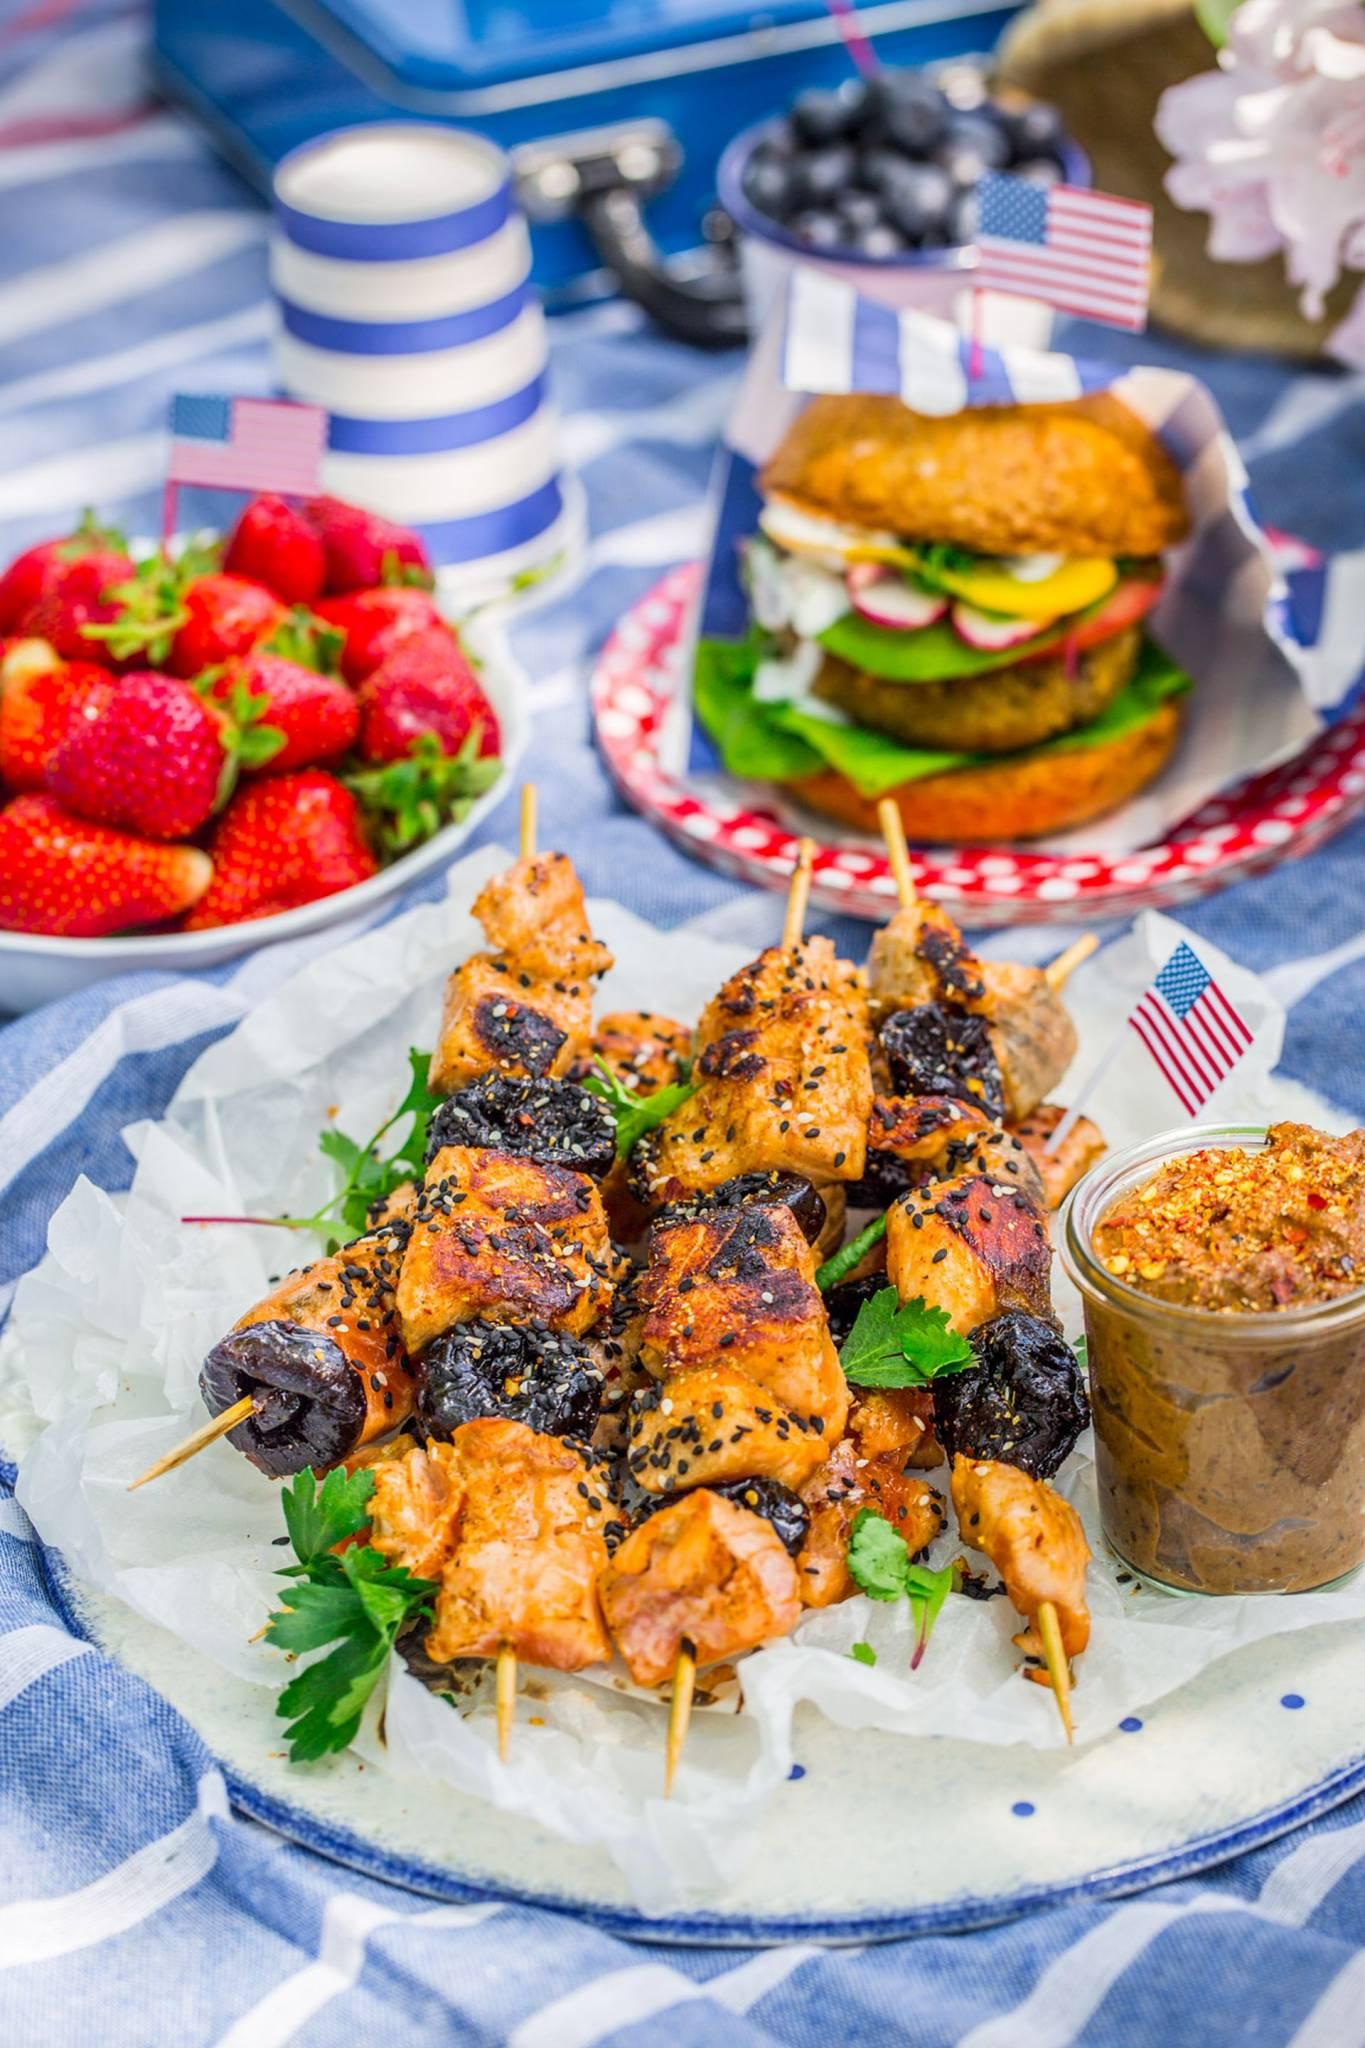 Przepisy ze śliwką kalifornijską: szaszłyki z łososia oraz burgery wegetariańskie